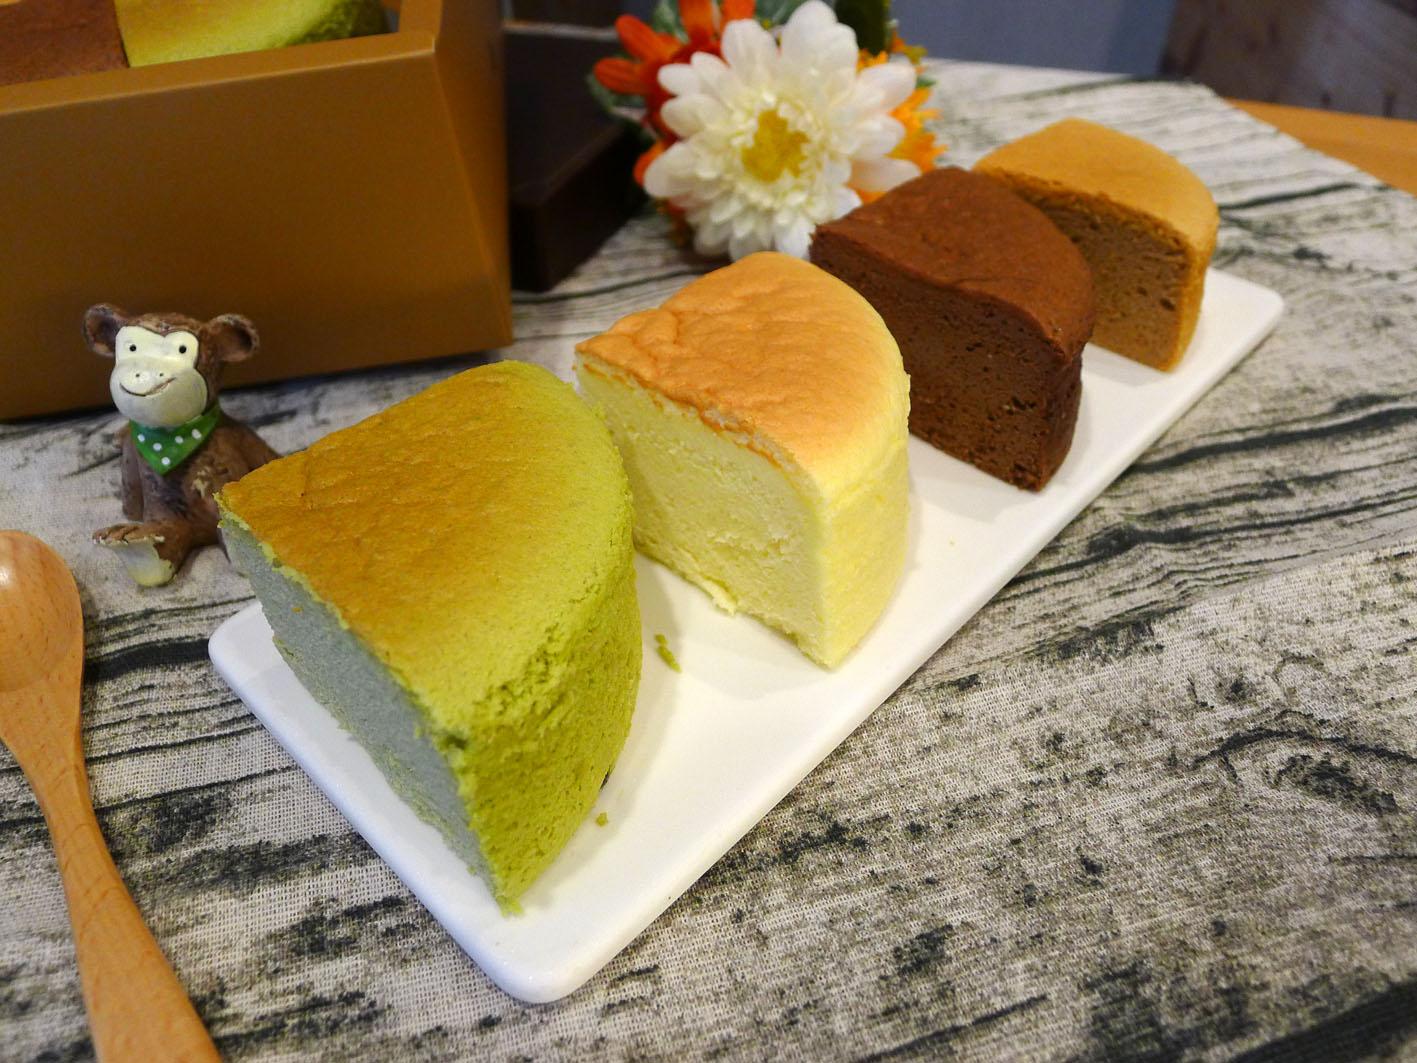 【輕。乳酪】六吋蛋糕│蛋奶素 原味/抹茶/巧克力/紅麴 軟綿綿像雲朵般的口感,蛋糕體細膩、輕盈、鬆軟又濕潤!280克±5%/盒 3